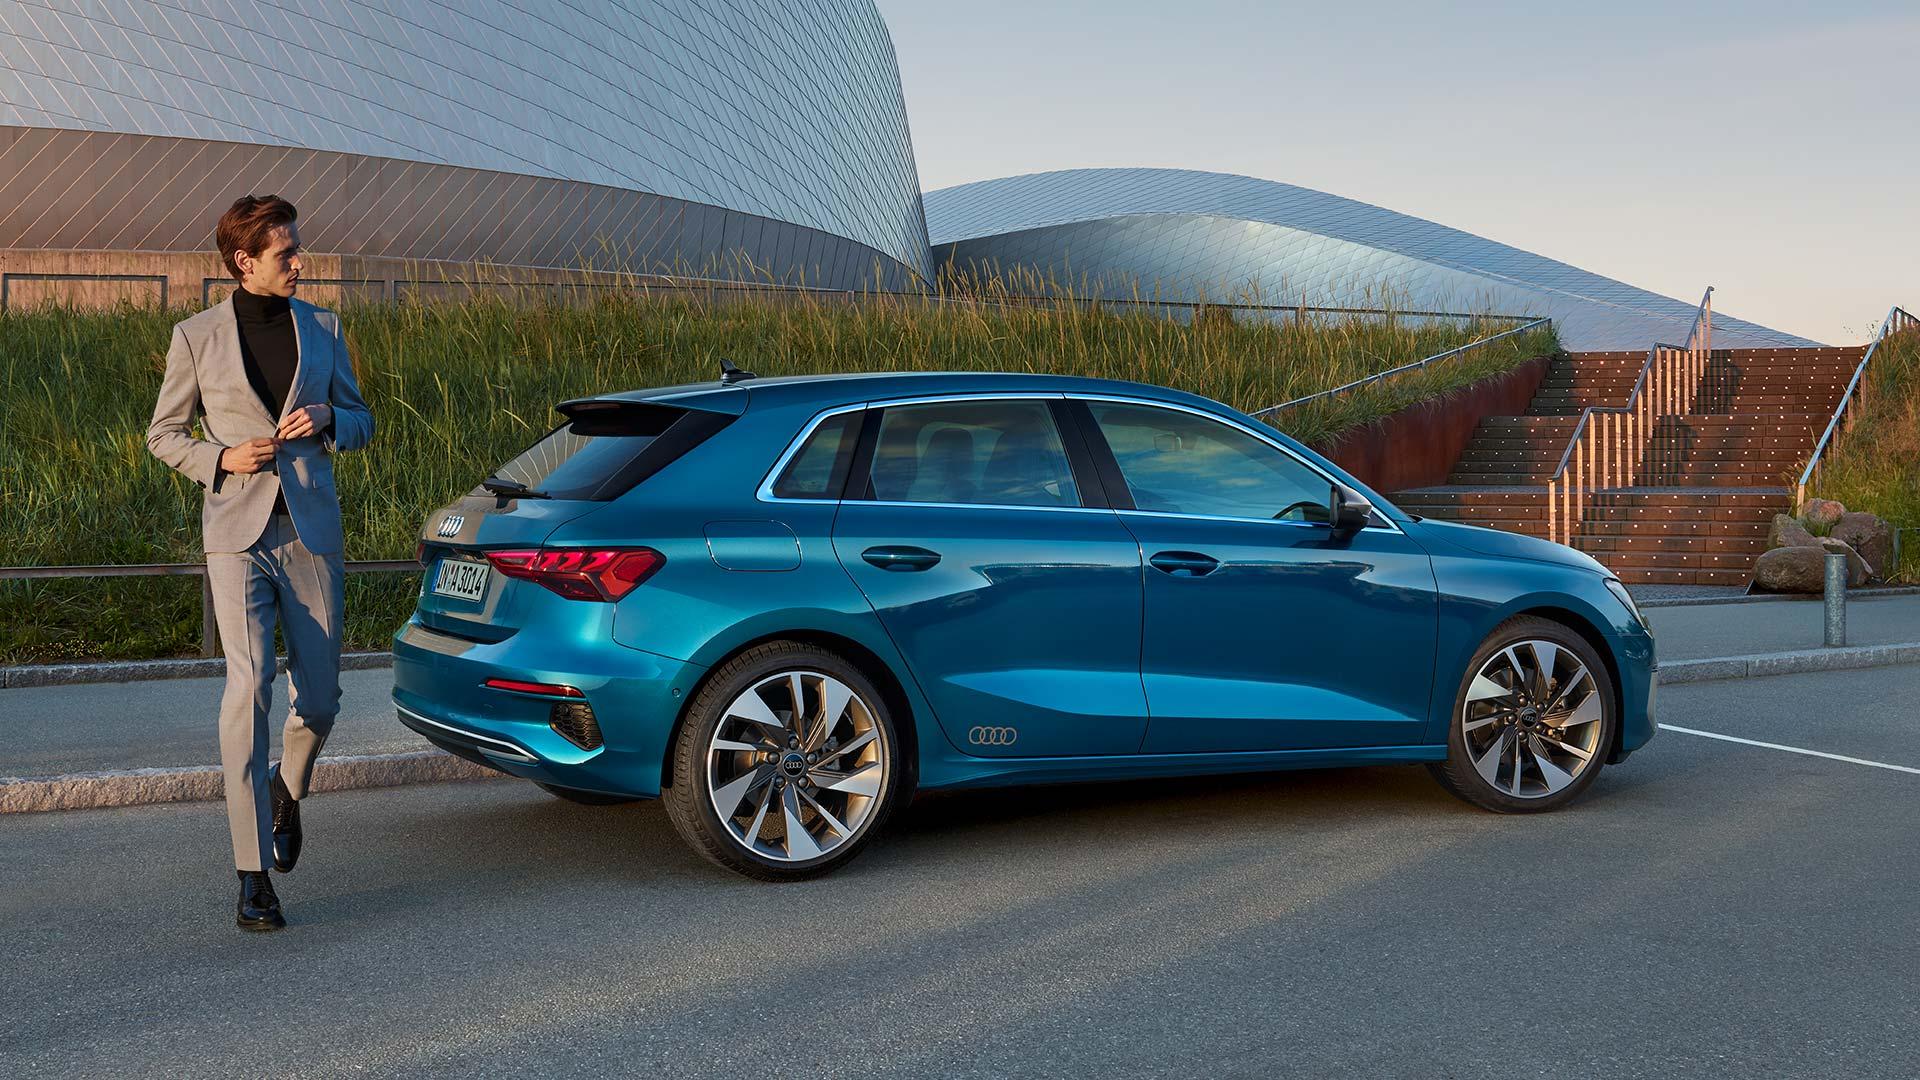 Kelebihan Kekurangan Audi 13 Review